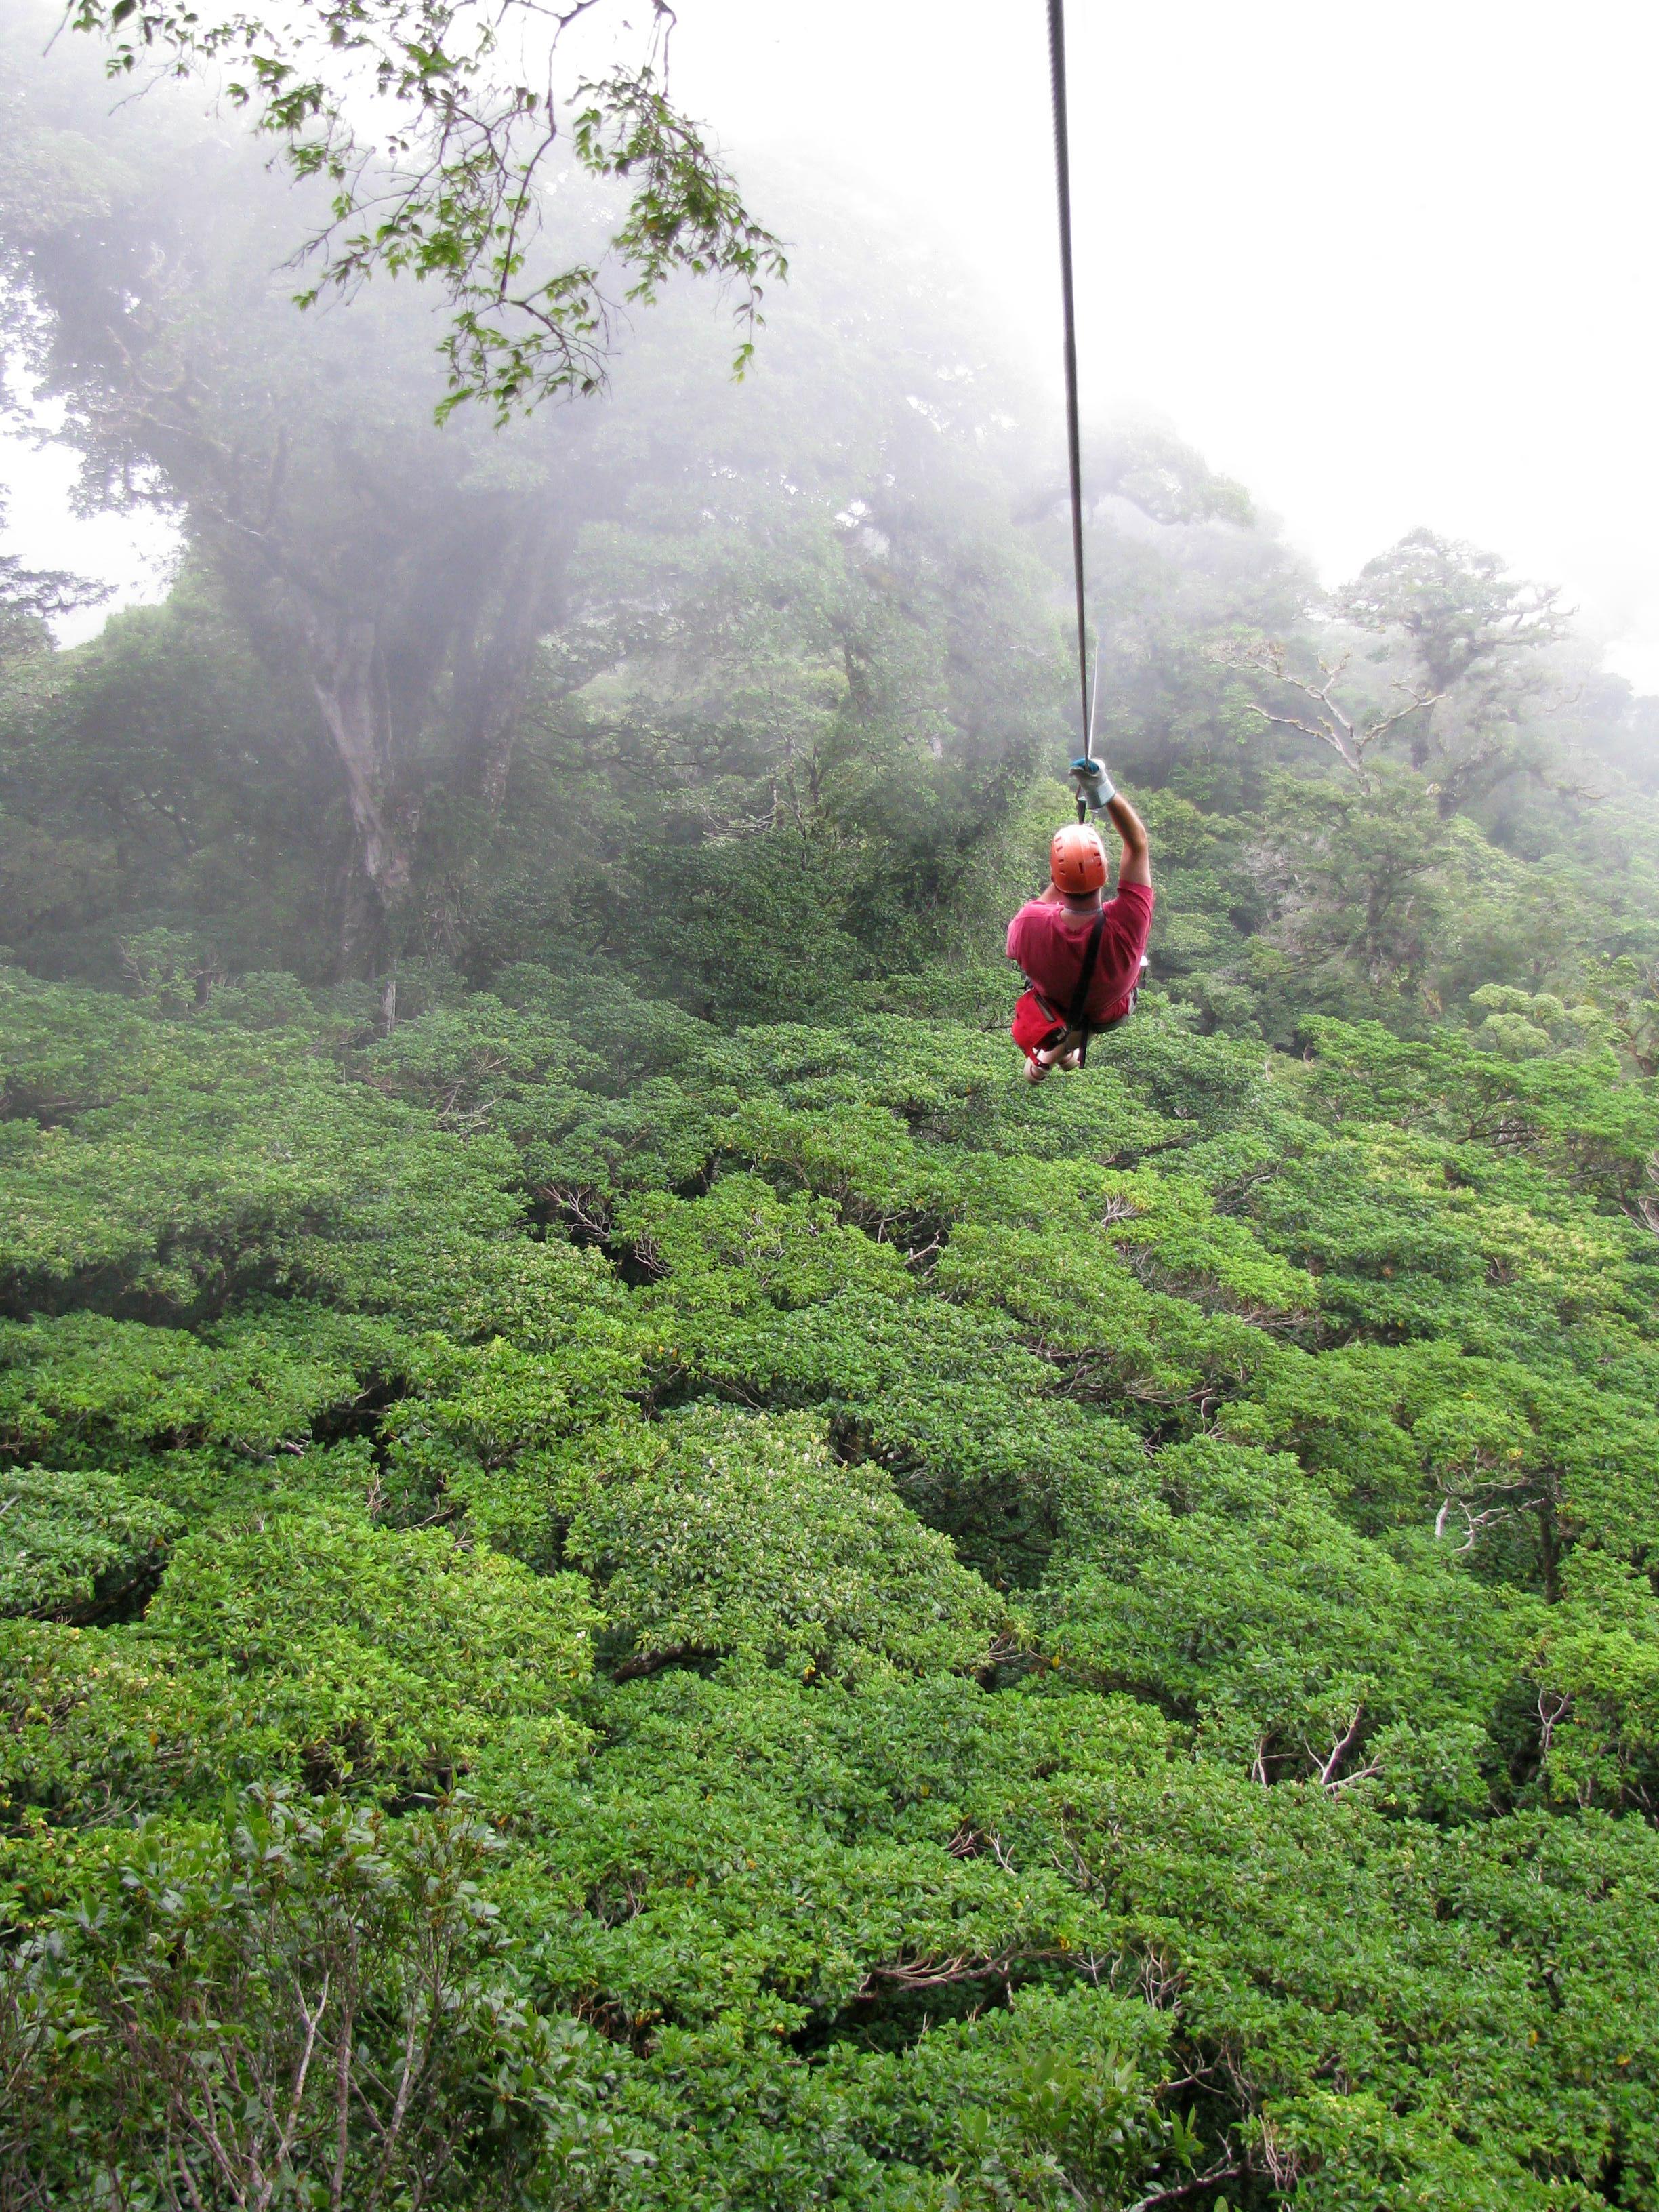 costarica_bigstock-Ziplining-In-Monteverde-3115548.jpg